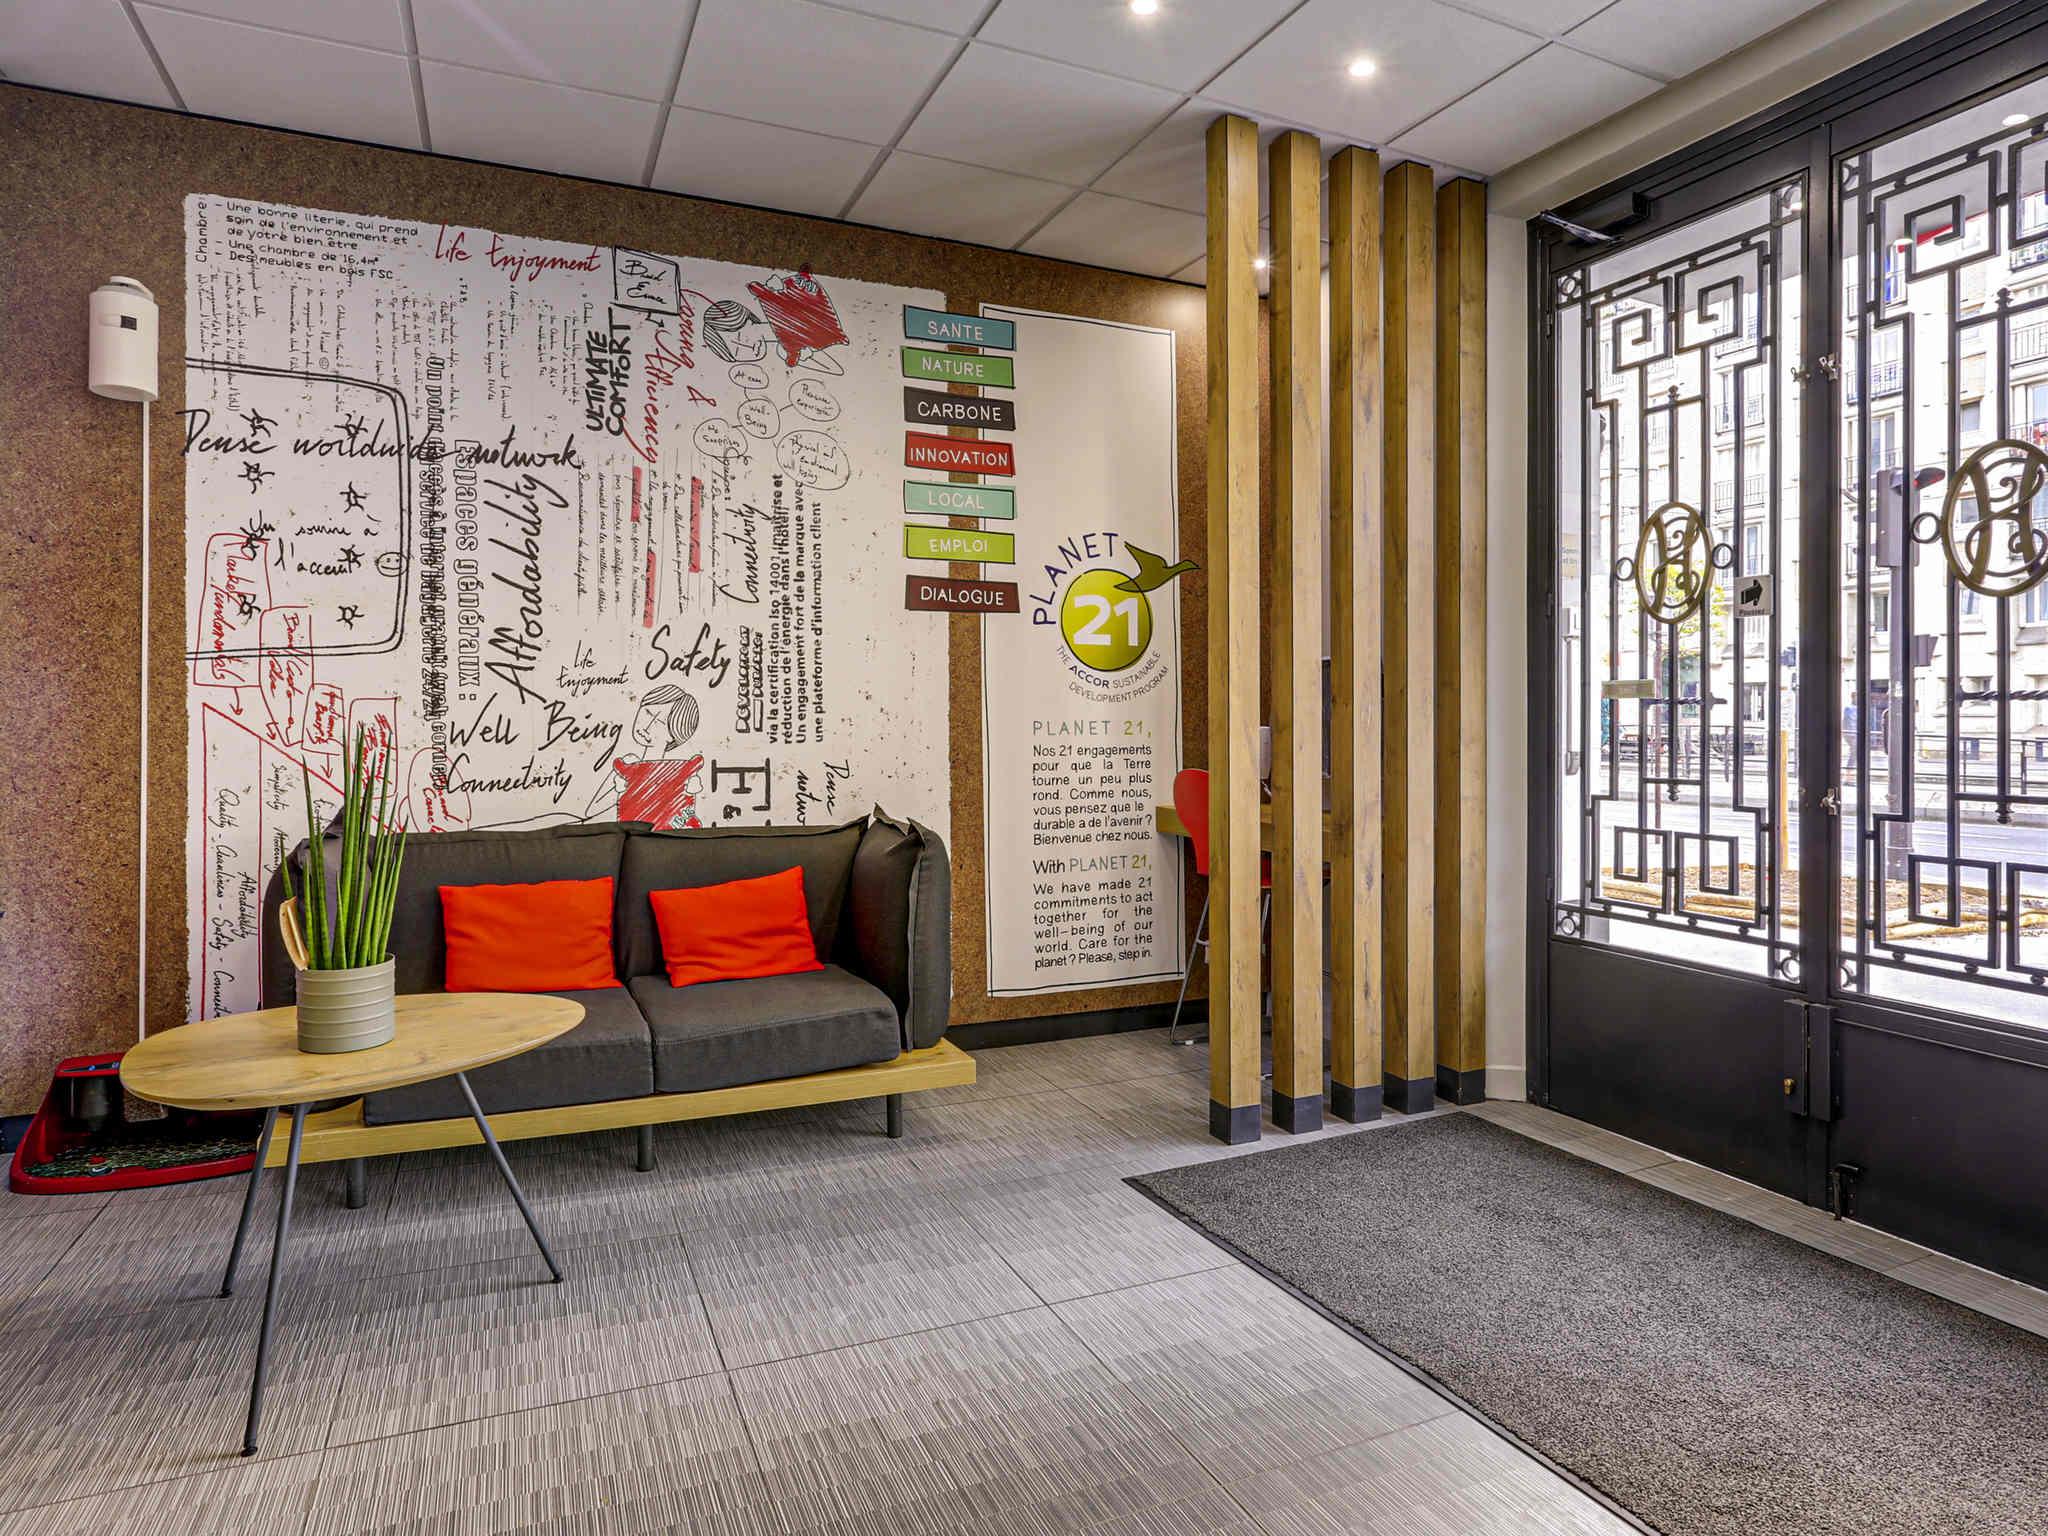 โรงแรม – ไอบิส ดอเมอนิล ปอร์ต โดรี